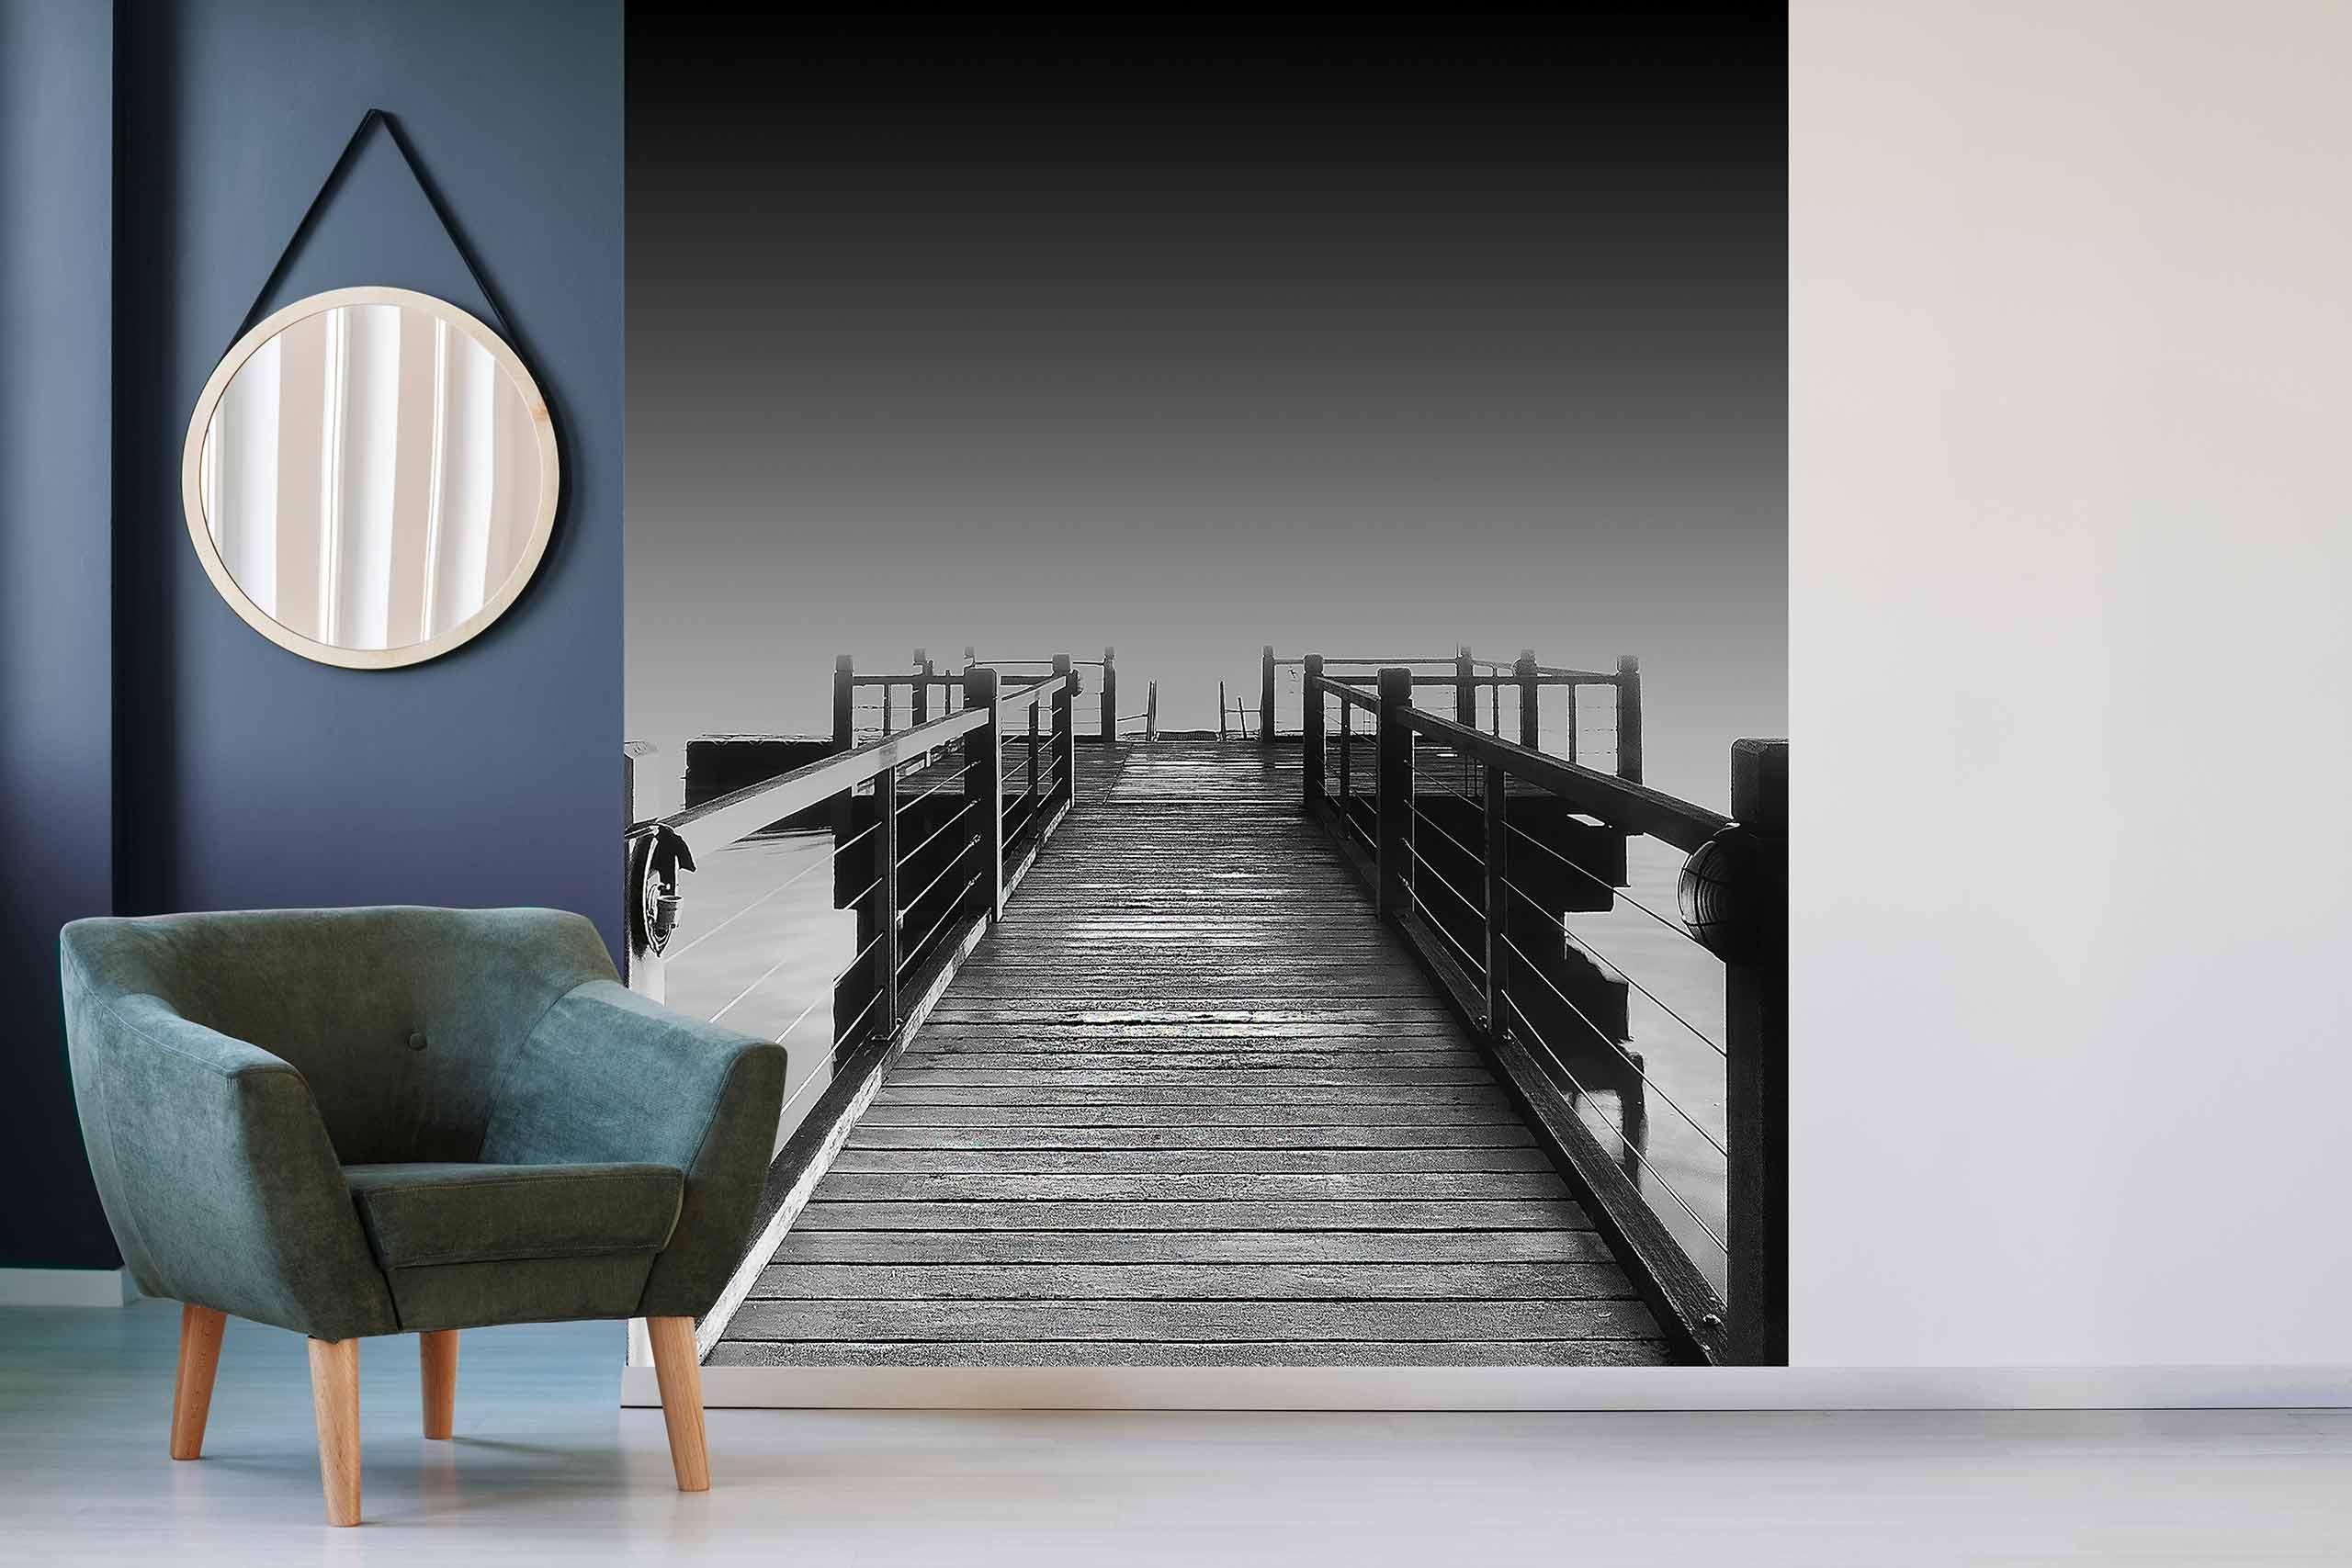 Vlies Tapete 225 Fototapete Höhe 250cm Motiv 153 Steg Schwarz-Weiß